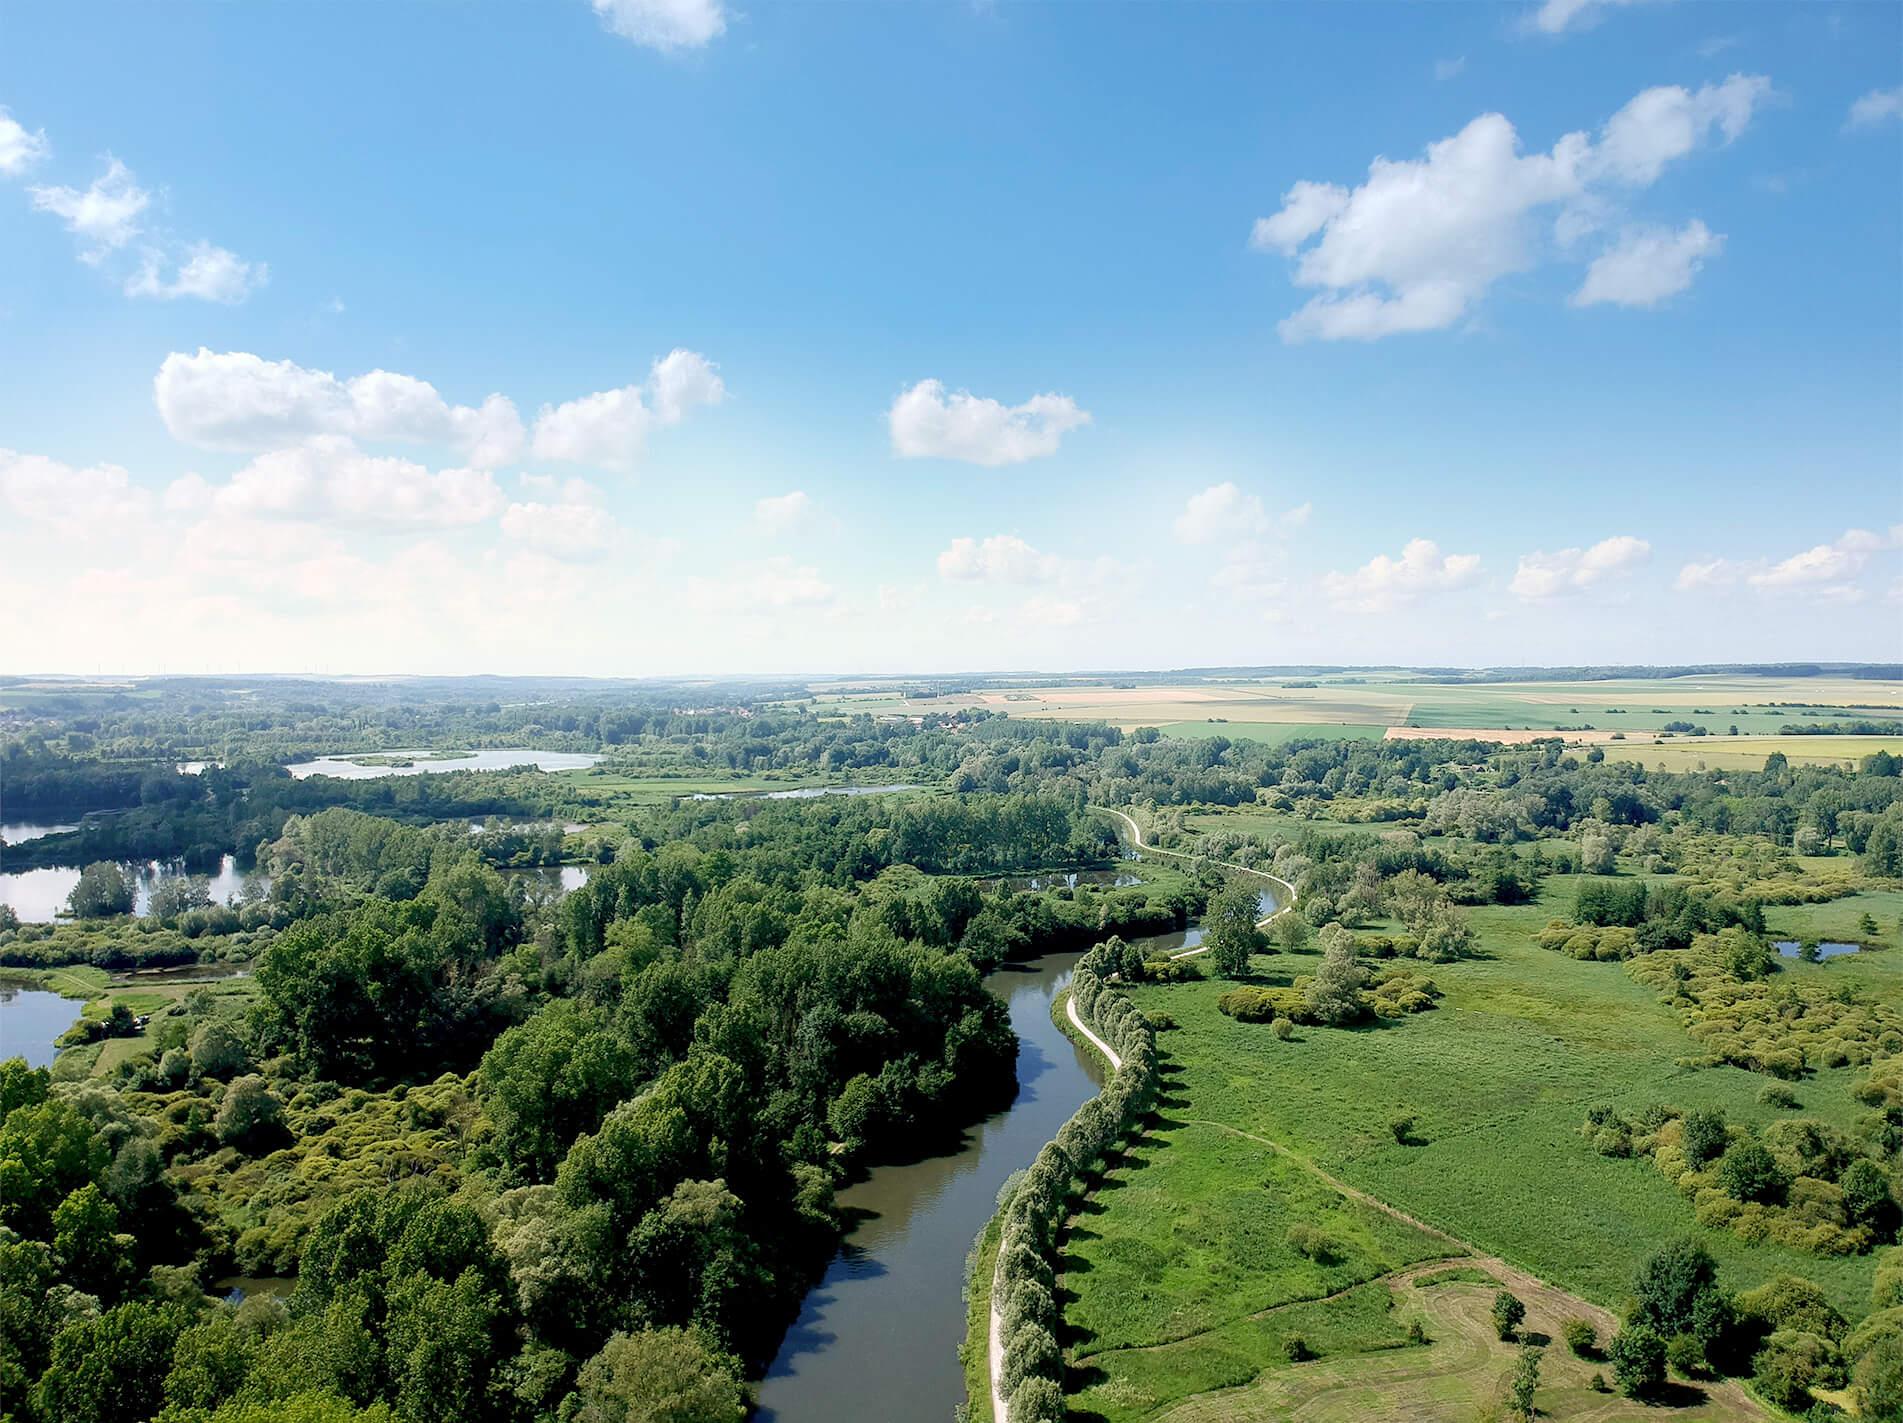 Nièvre et Somme, Loisirs, nature & patrimoine